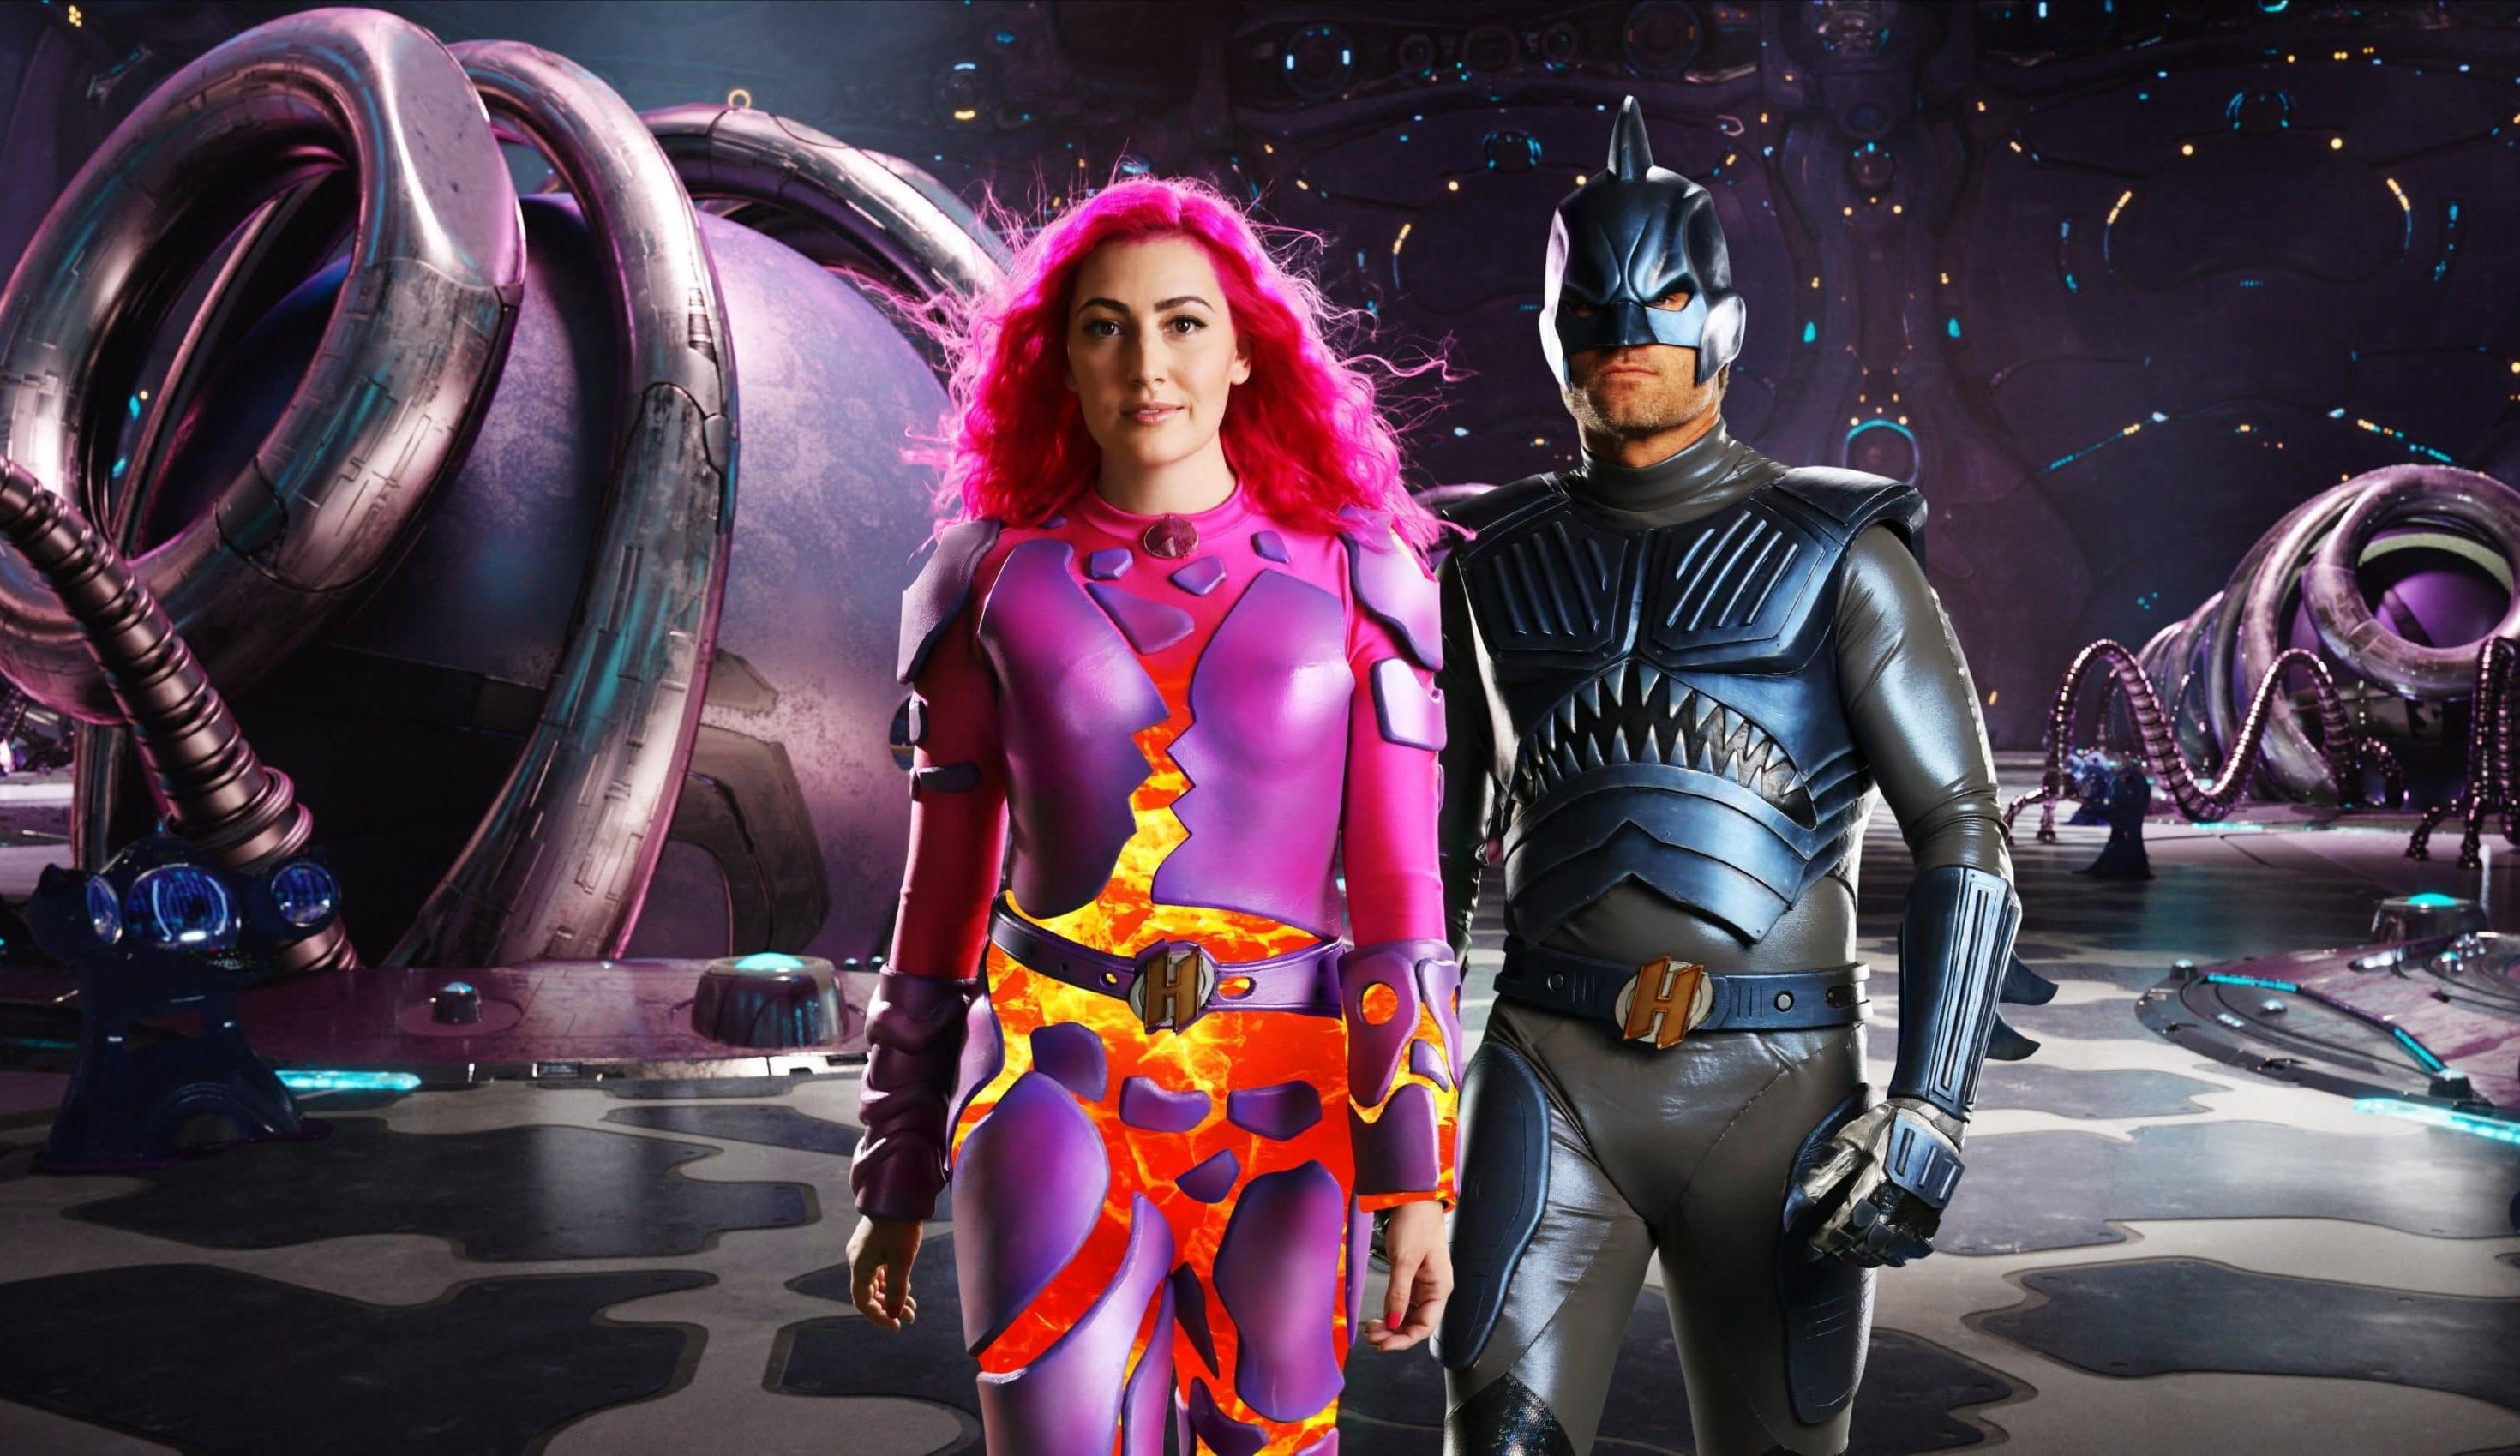 Pequenos Grandes Heróis: Filme que se passa no universo de Sharkboy & Lavagirl ganha primeiro teaser